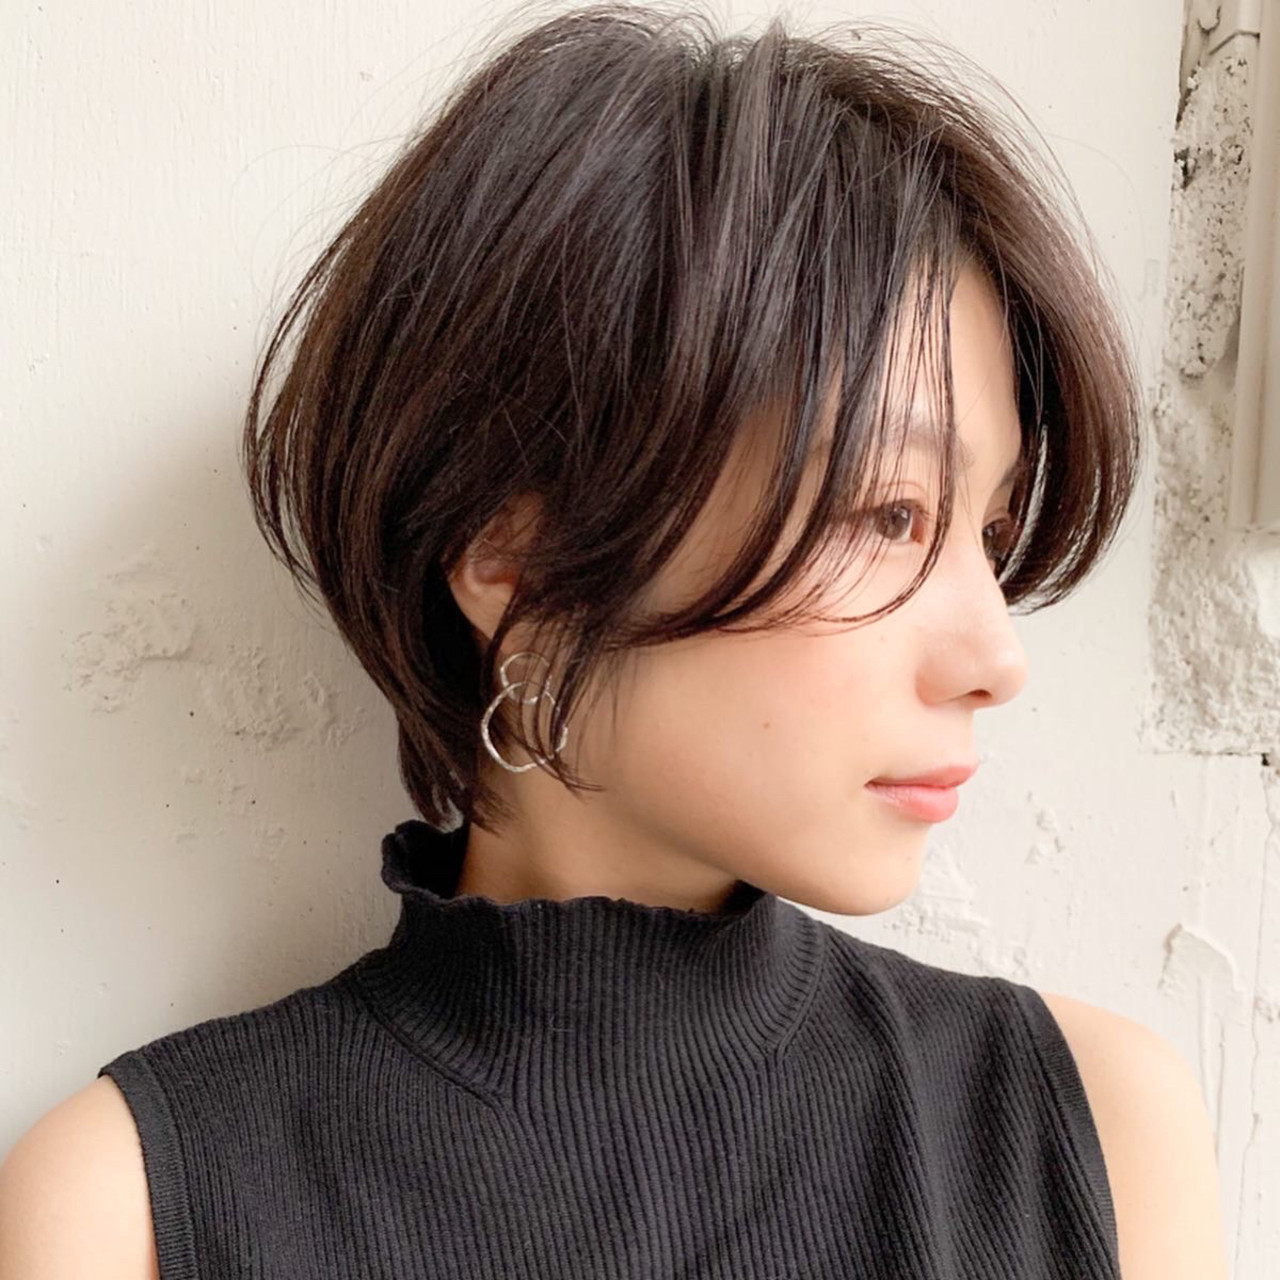 デジタルパーマ ショート ショートボブ インナーカラー ヘアスタイルや髪型の写真・画像